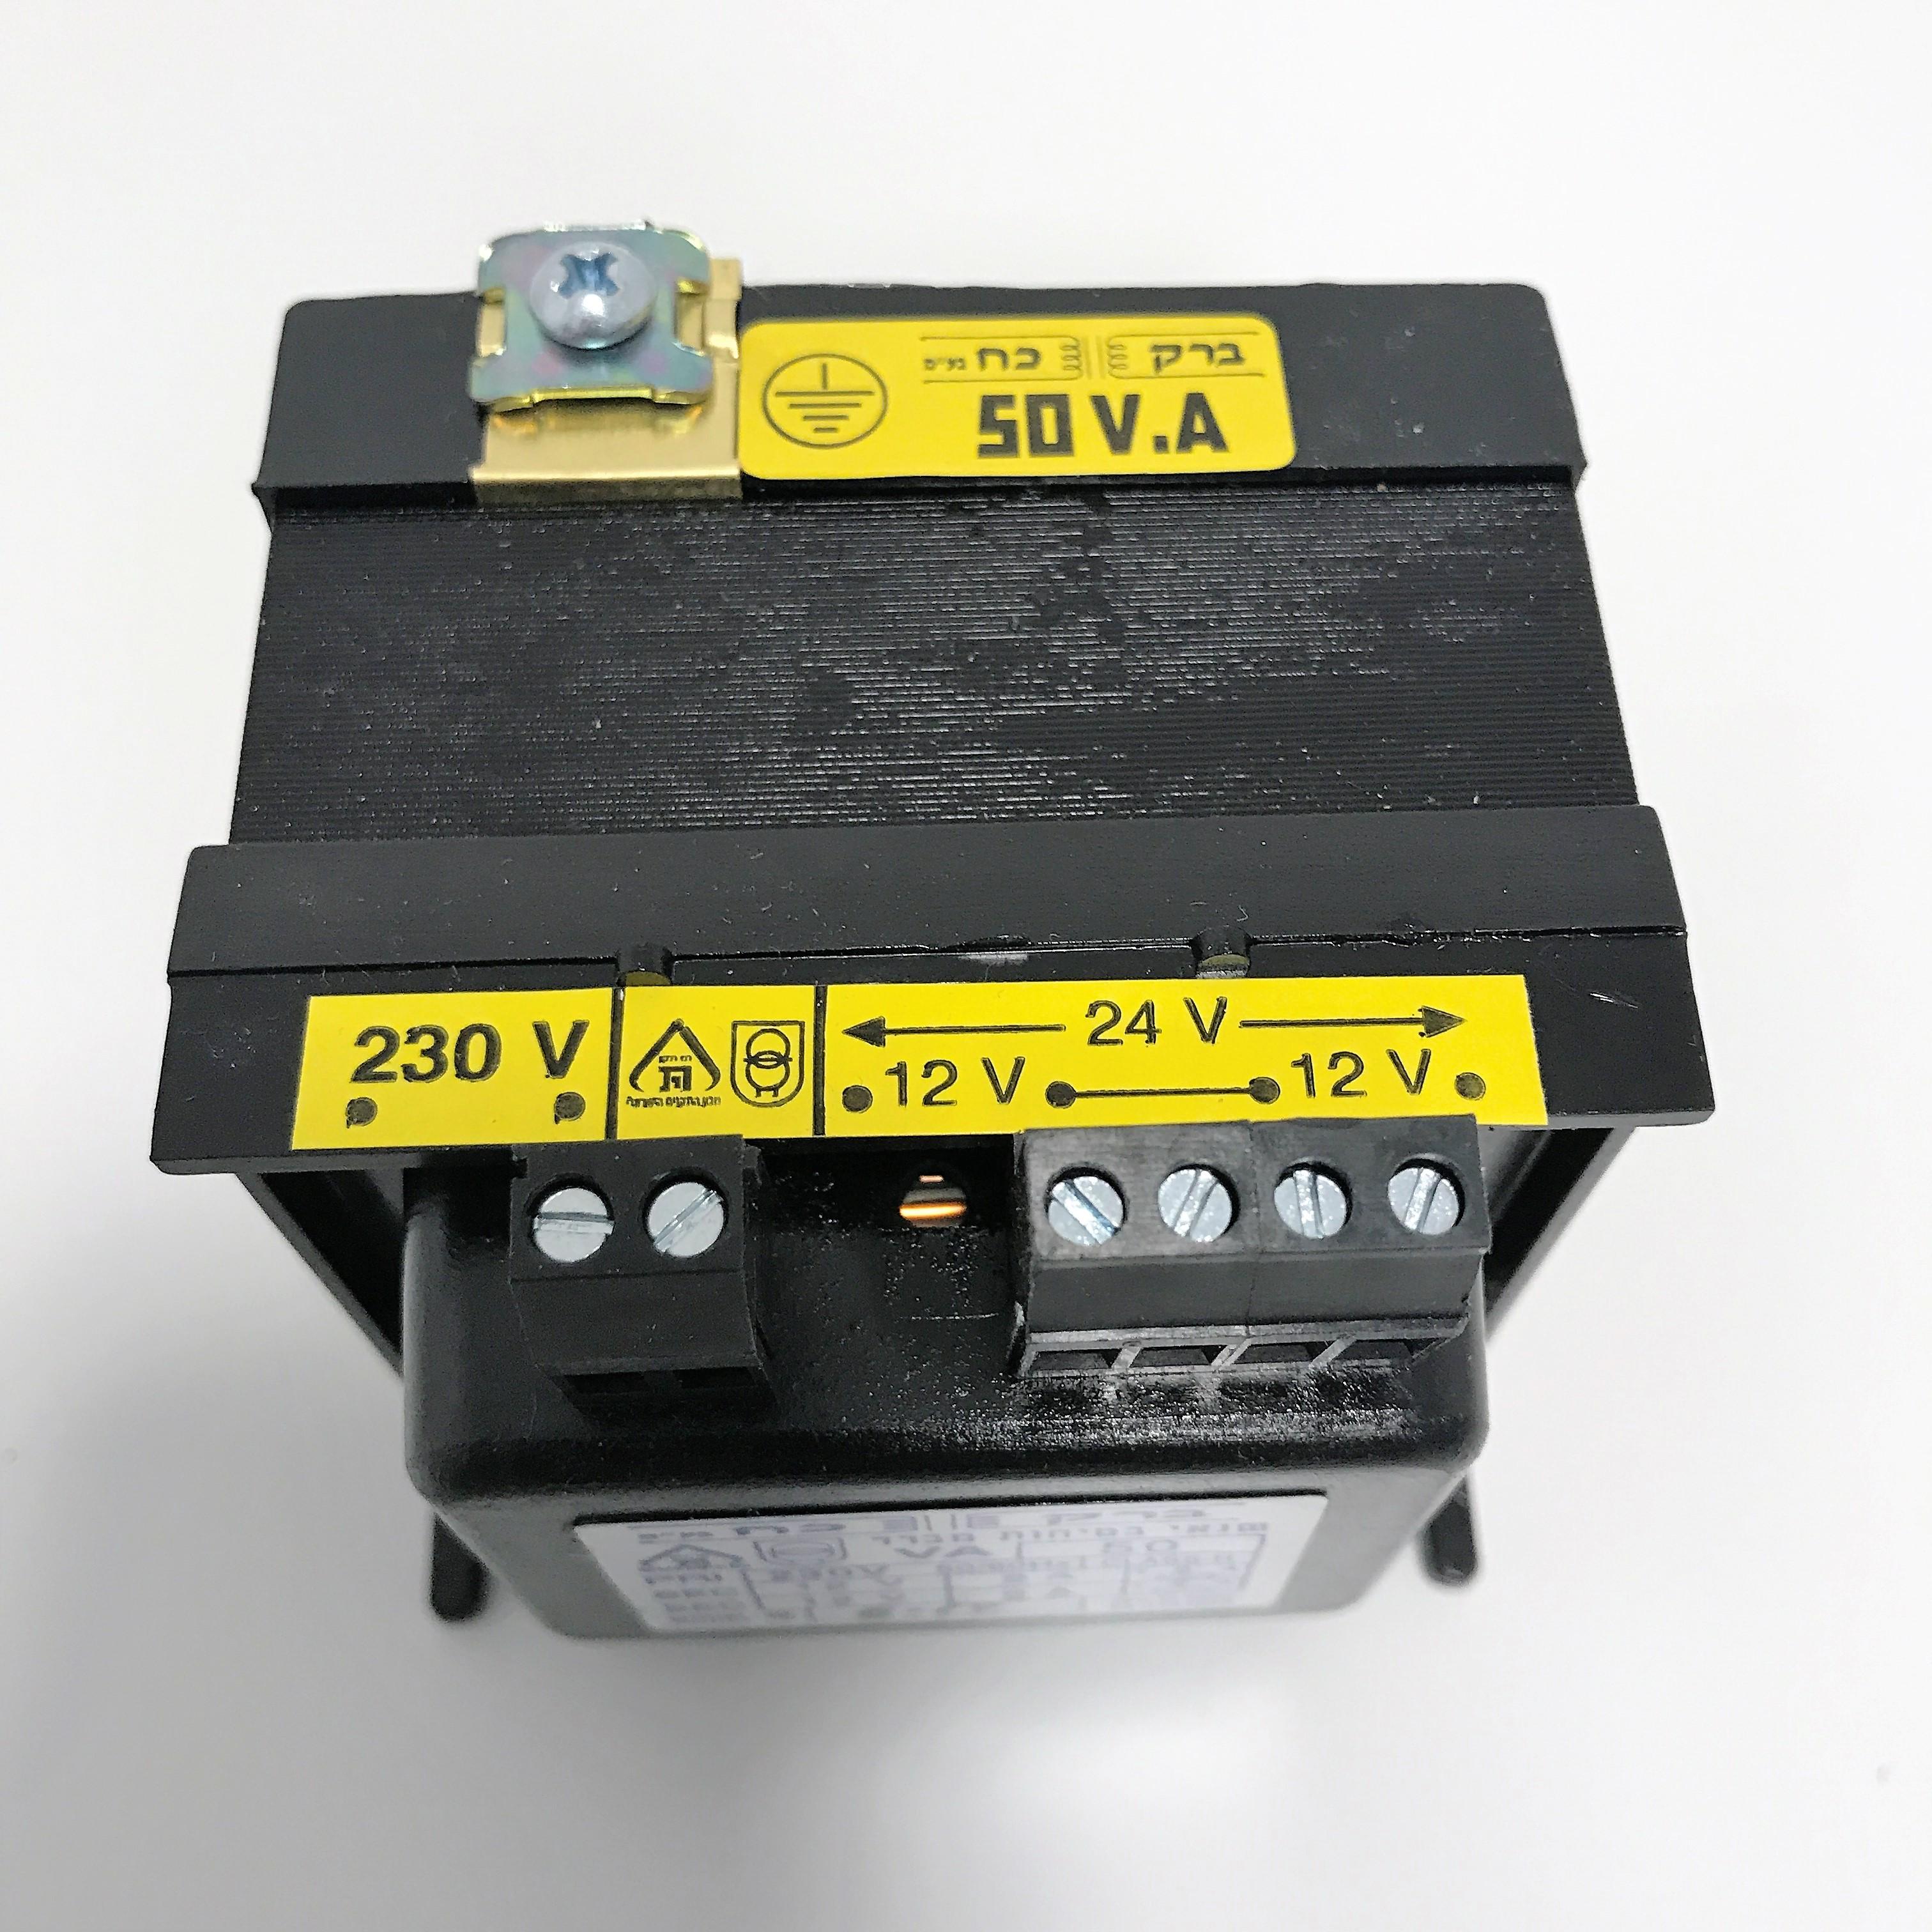 שנאי מבדל בהספק 50VA במתחים 230V-12V